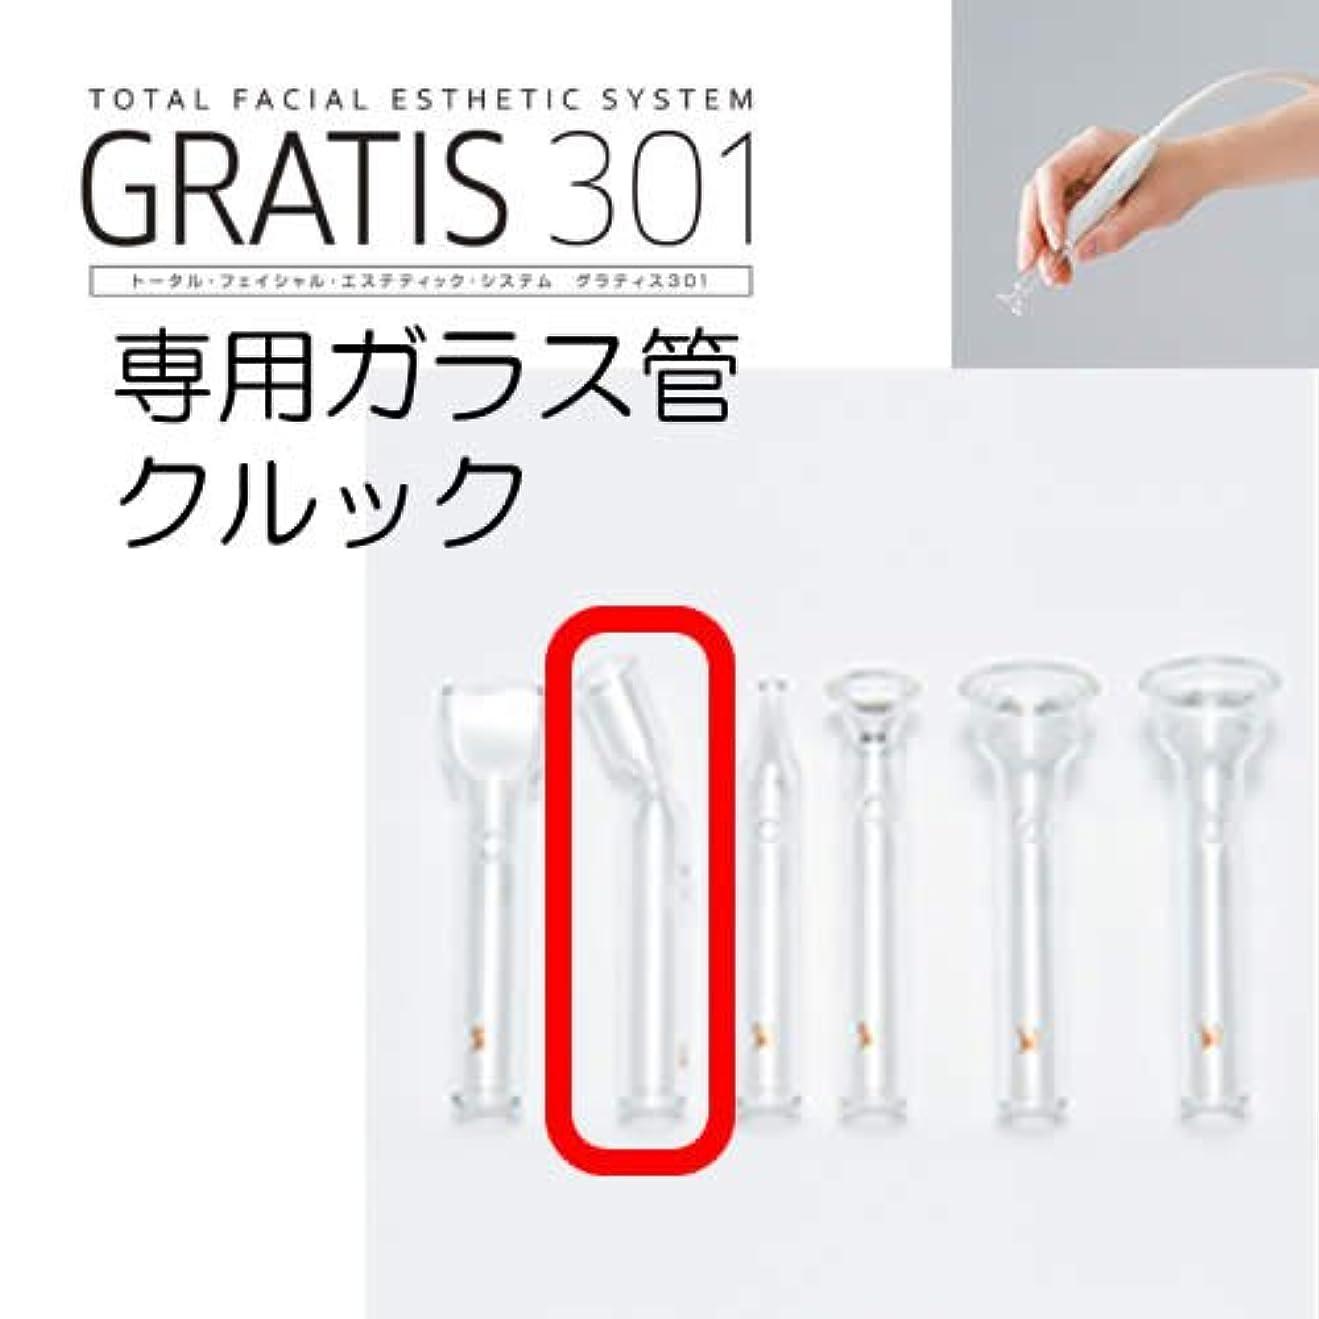 仕出します毎月警察署GRATIS 301(グラティス301)専用ガラス管 クルック(2本セット)